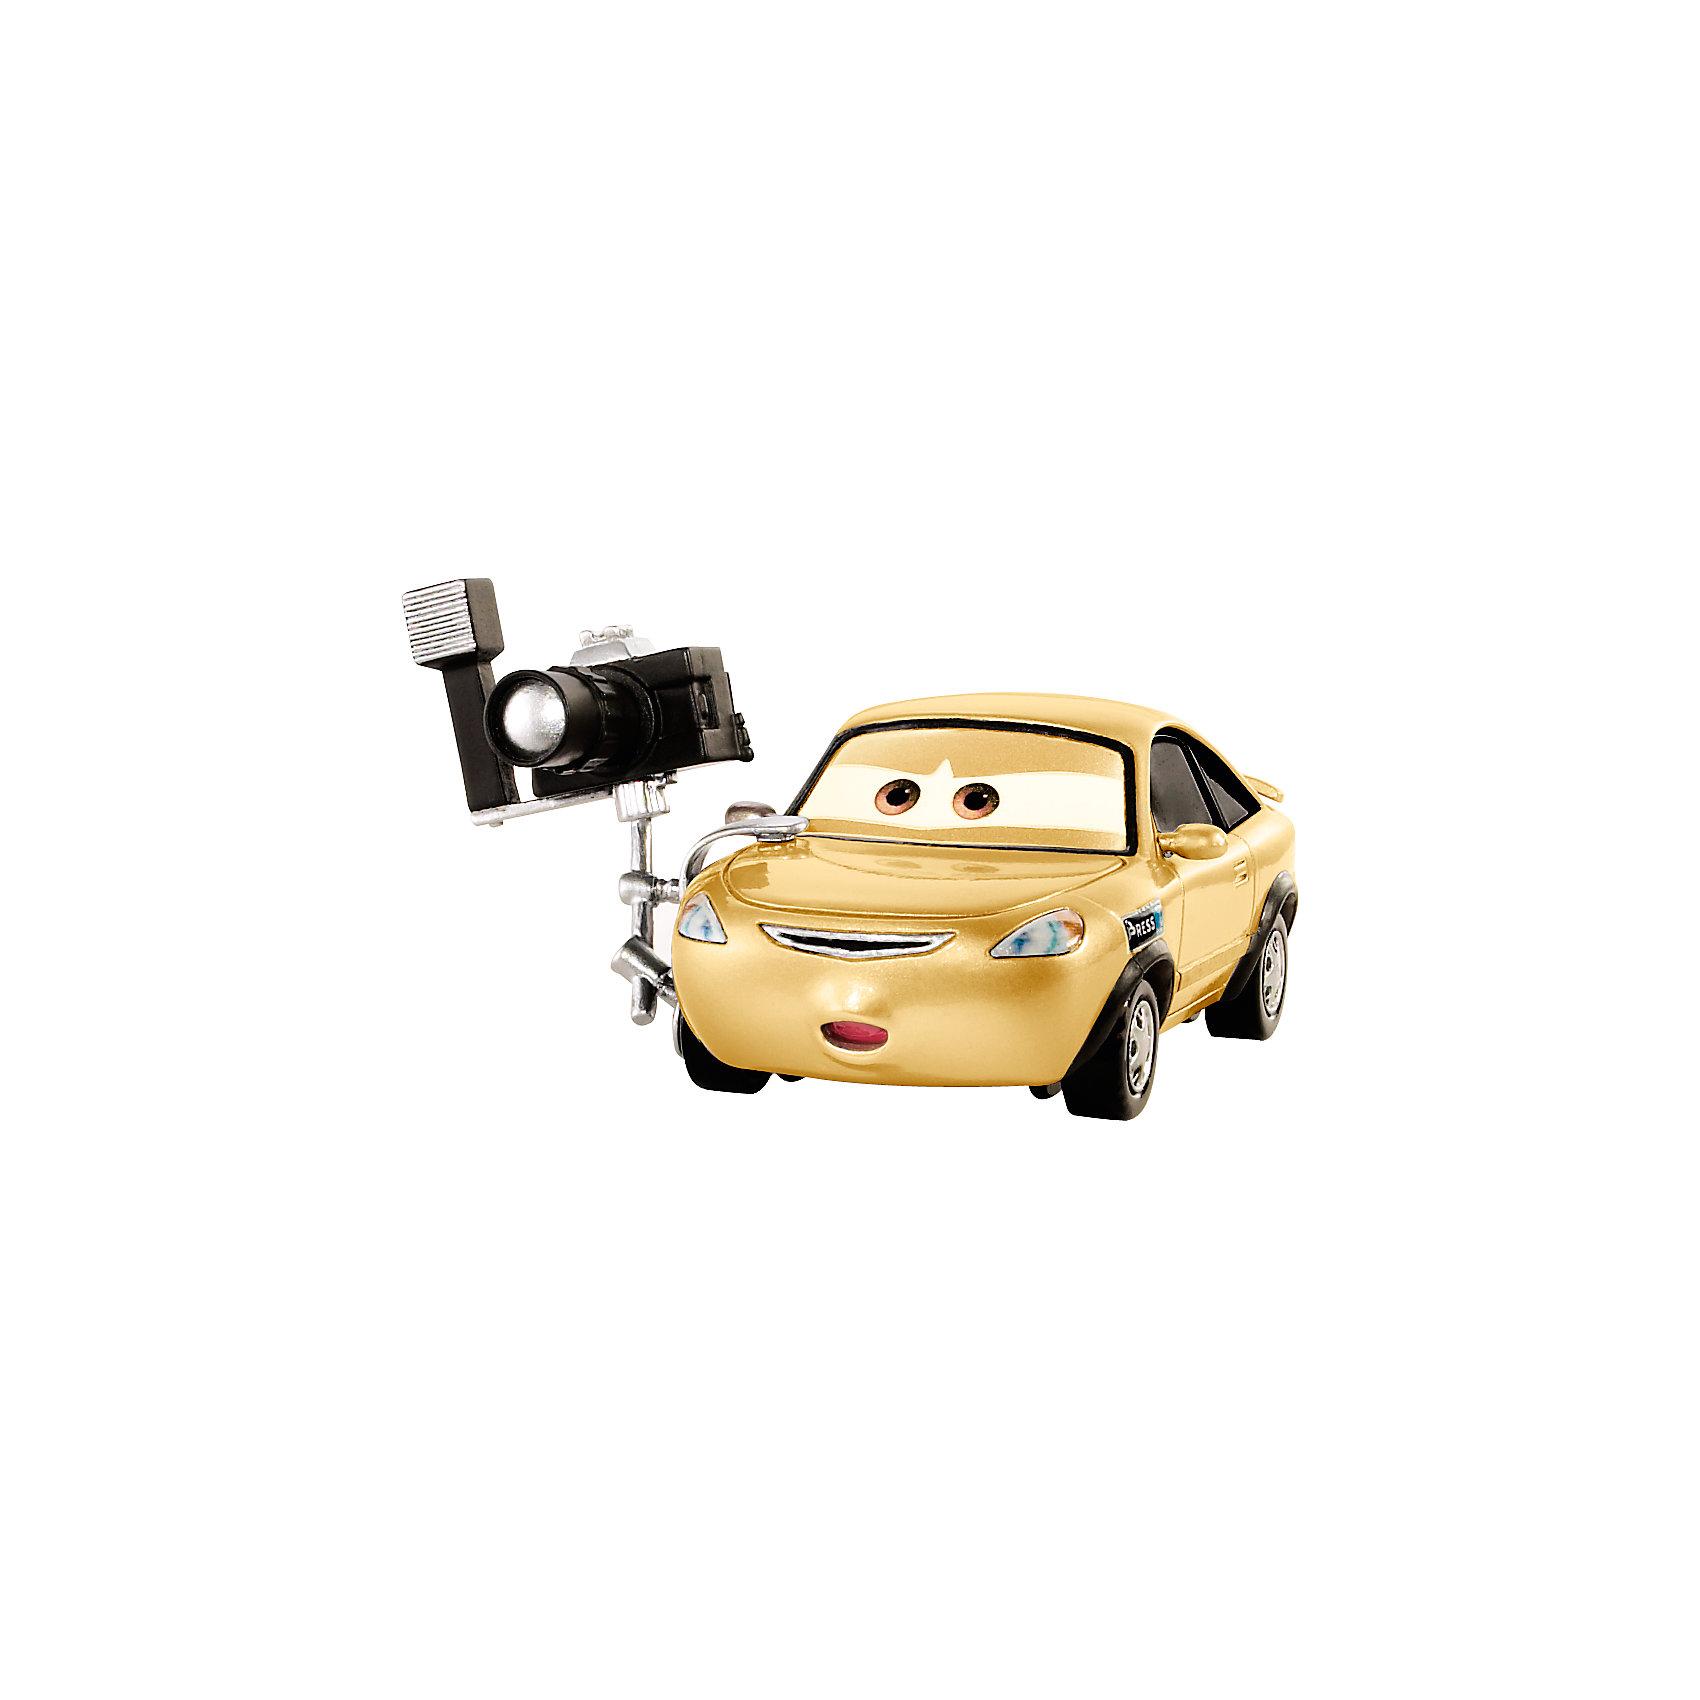 Литая машинка Disney Cars Тачки-2, Тим РиммерКоллекционные машинки<br><br><br>Ширина мм: 135<br>Глубина мм: 45<br>Высота мм: 160<br>Вес г: 80<br>Возраст от месяцев: 36<br>Возраст до месяцев: 72<br>Пол: Мужской<br>Возраст: Детский<br>SKU: 7142110